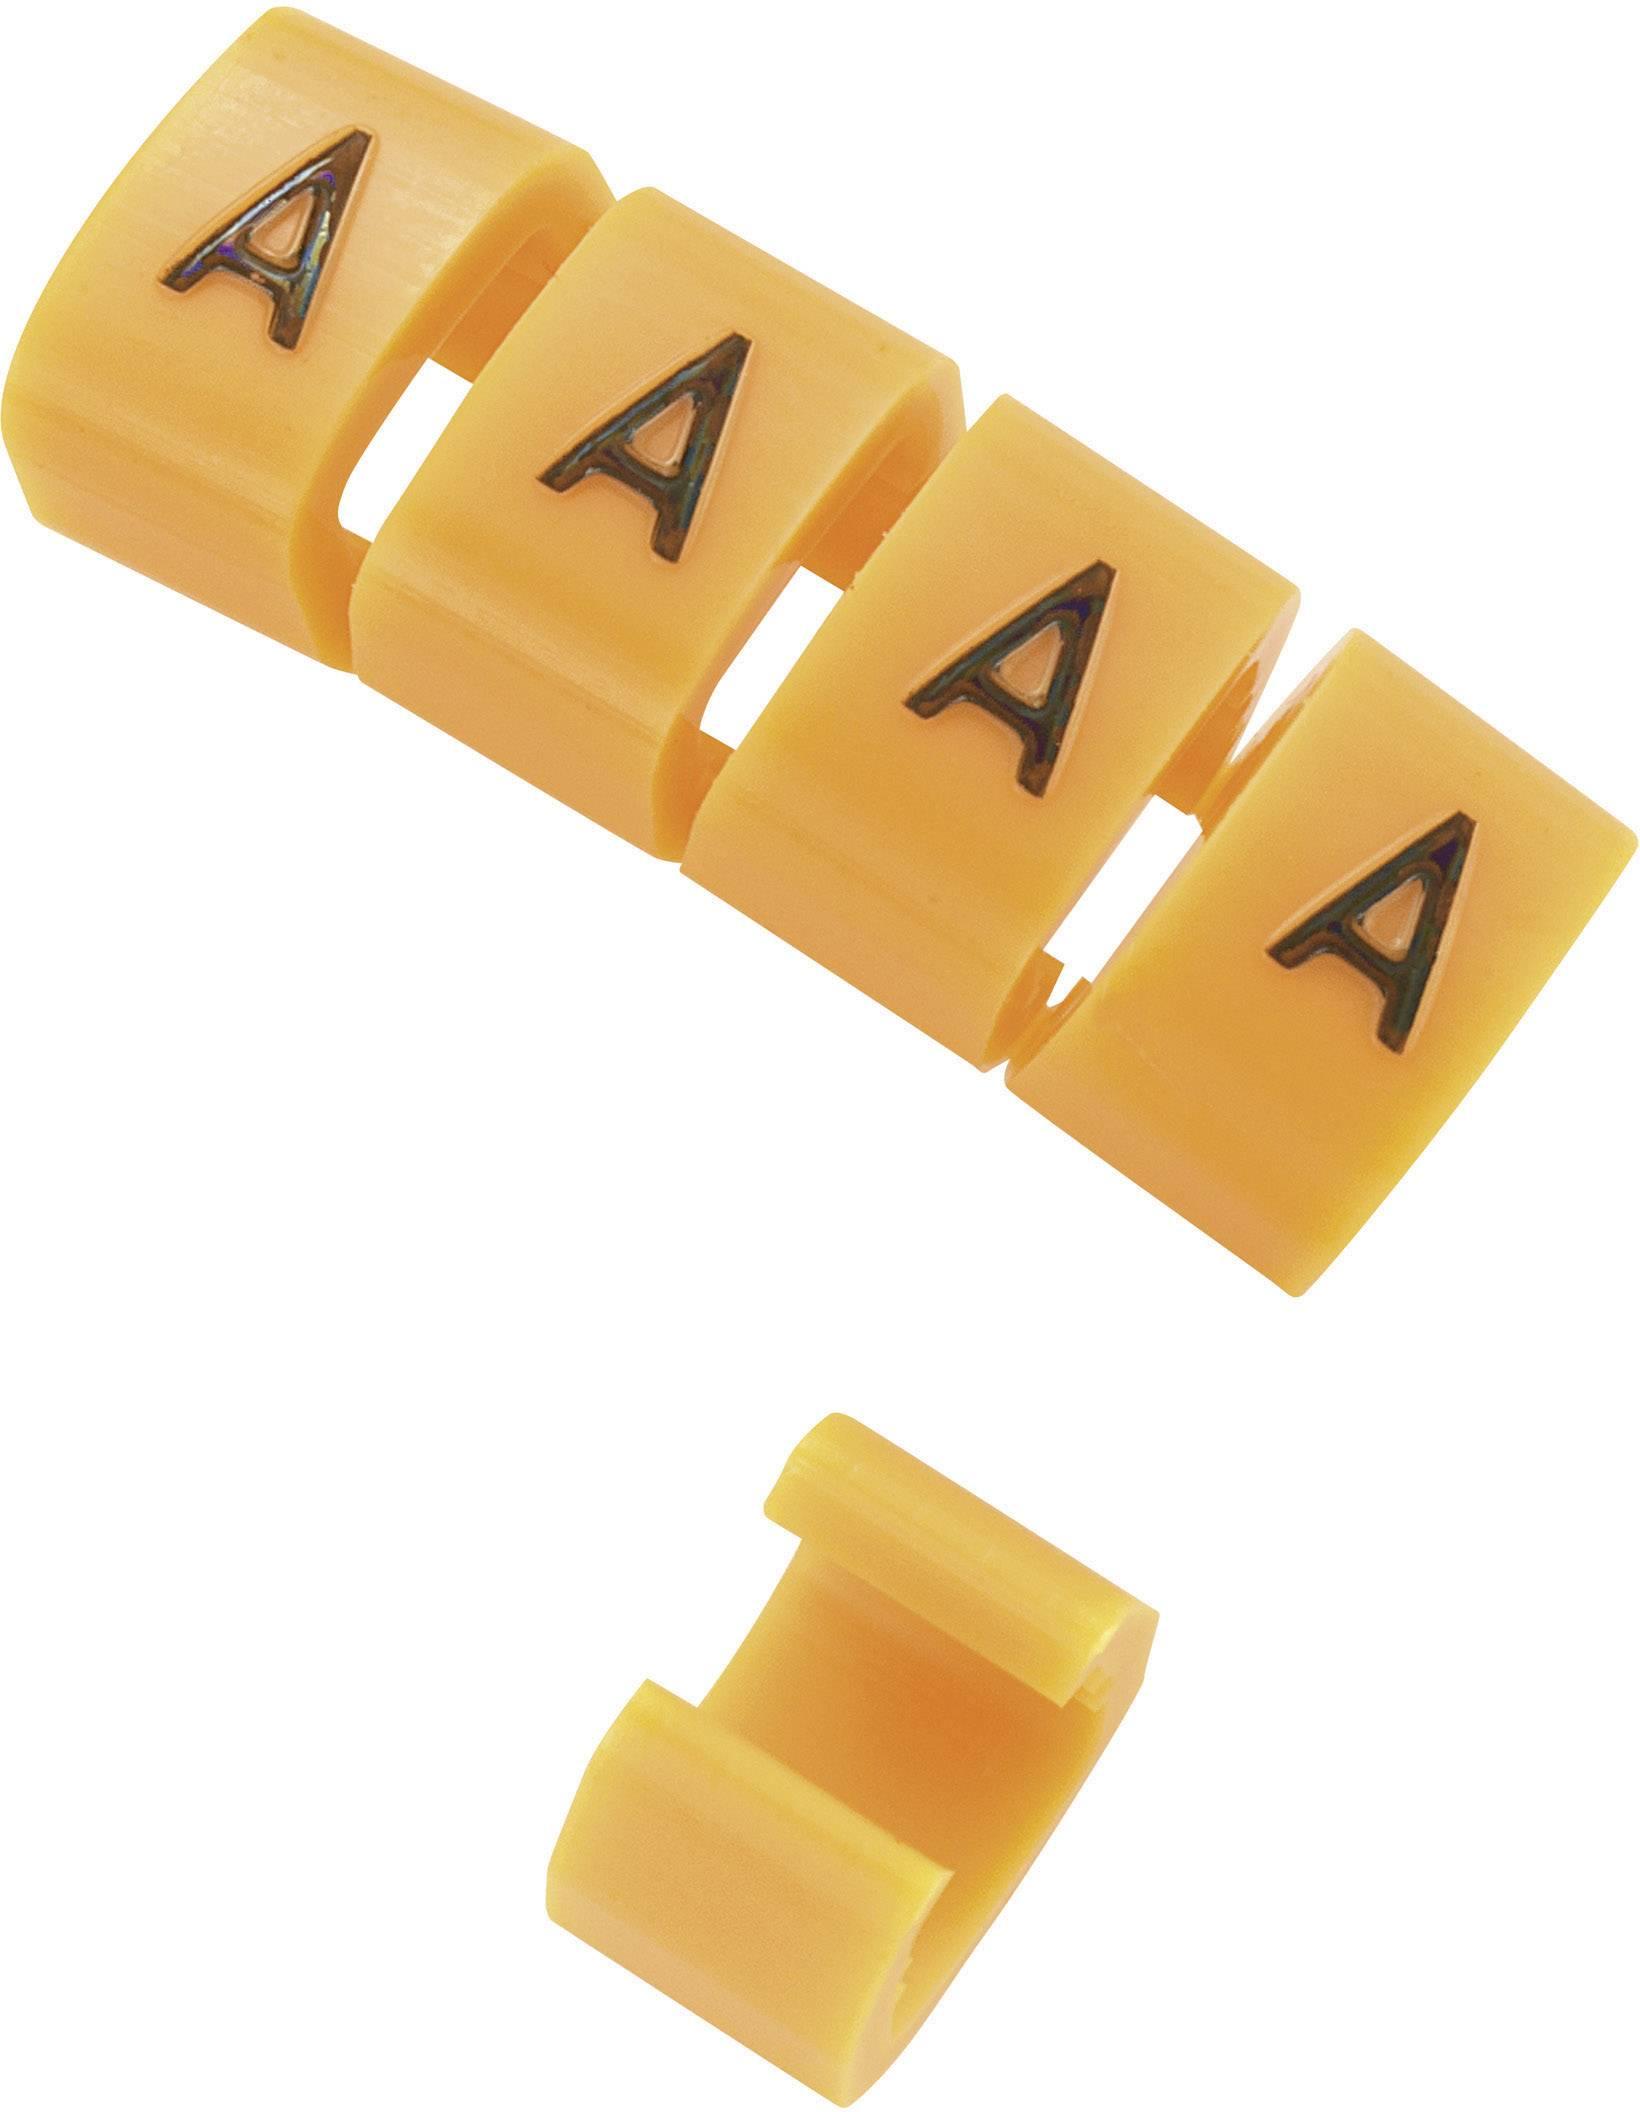 Označovacie objímka na káble KSS MB1/Q, oranžová, 10 ks